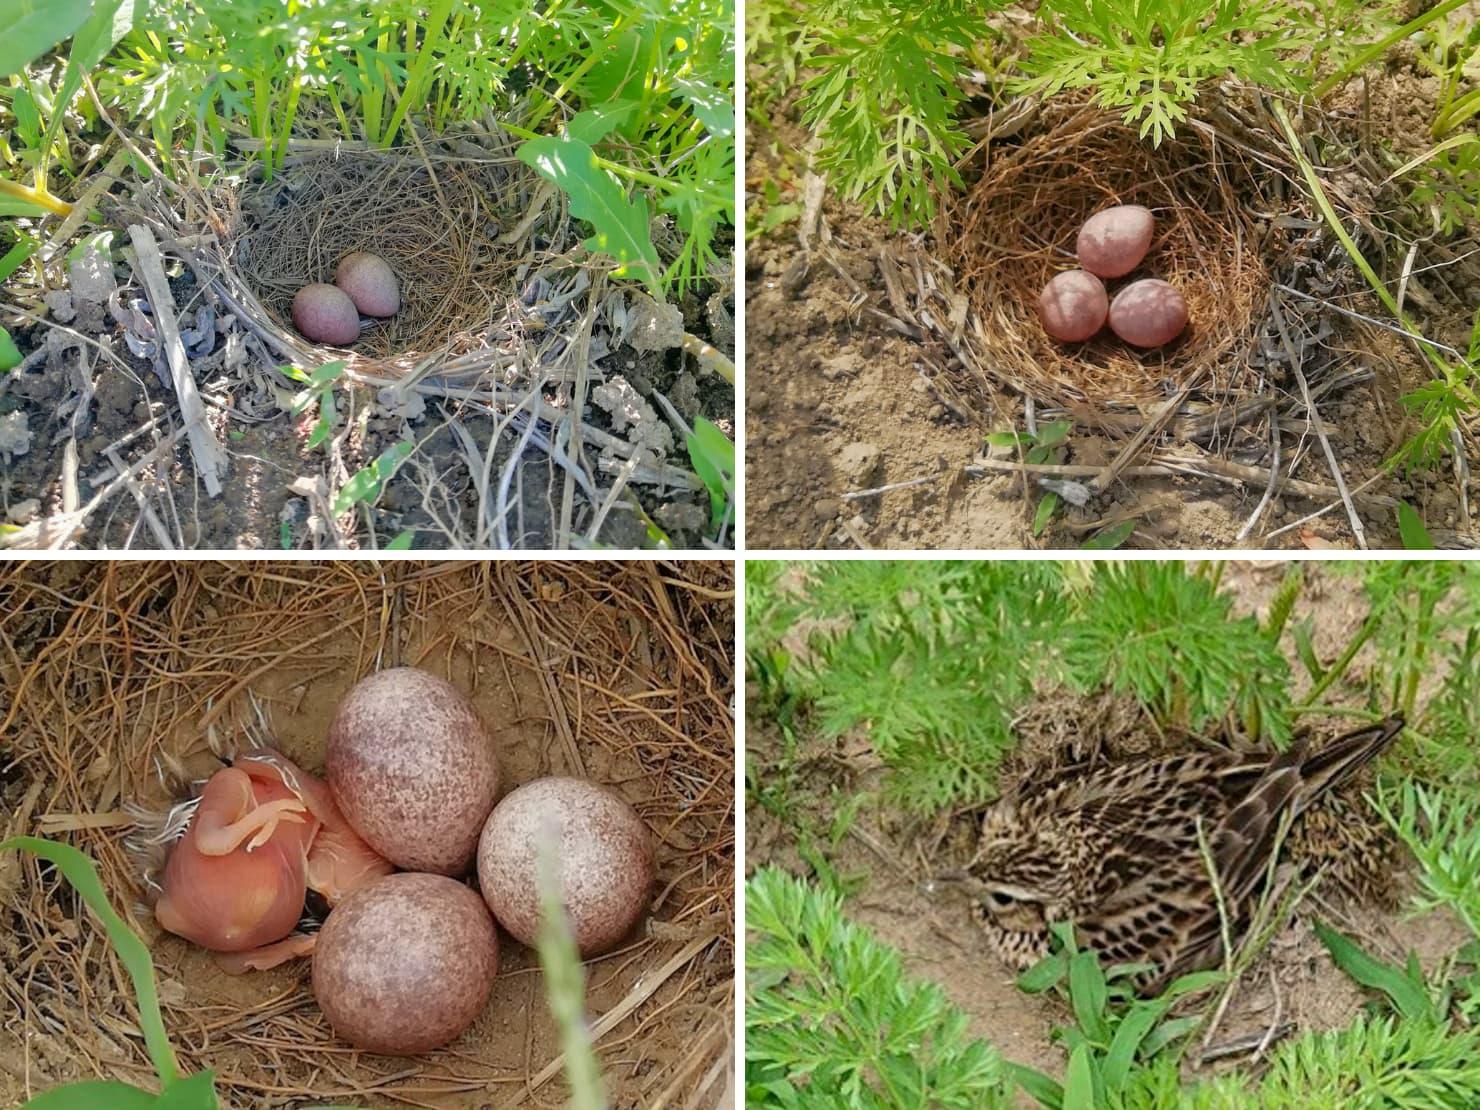 畑の中の鳥の巣の写真